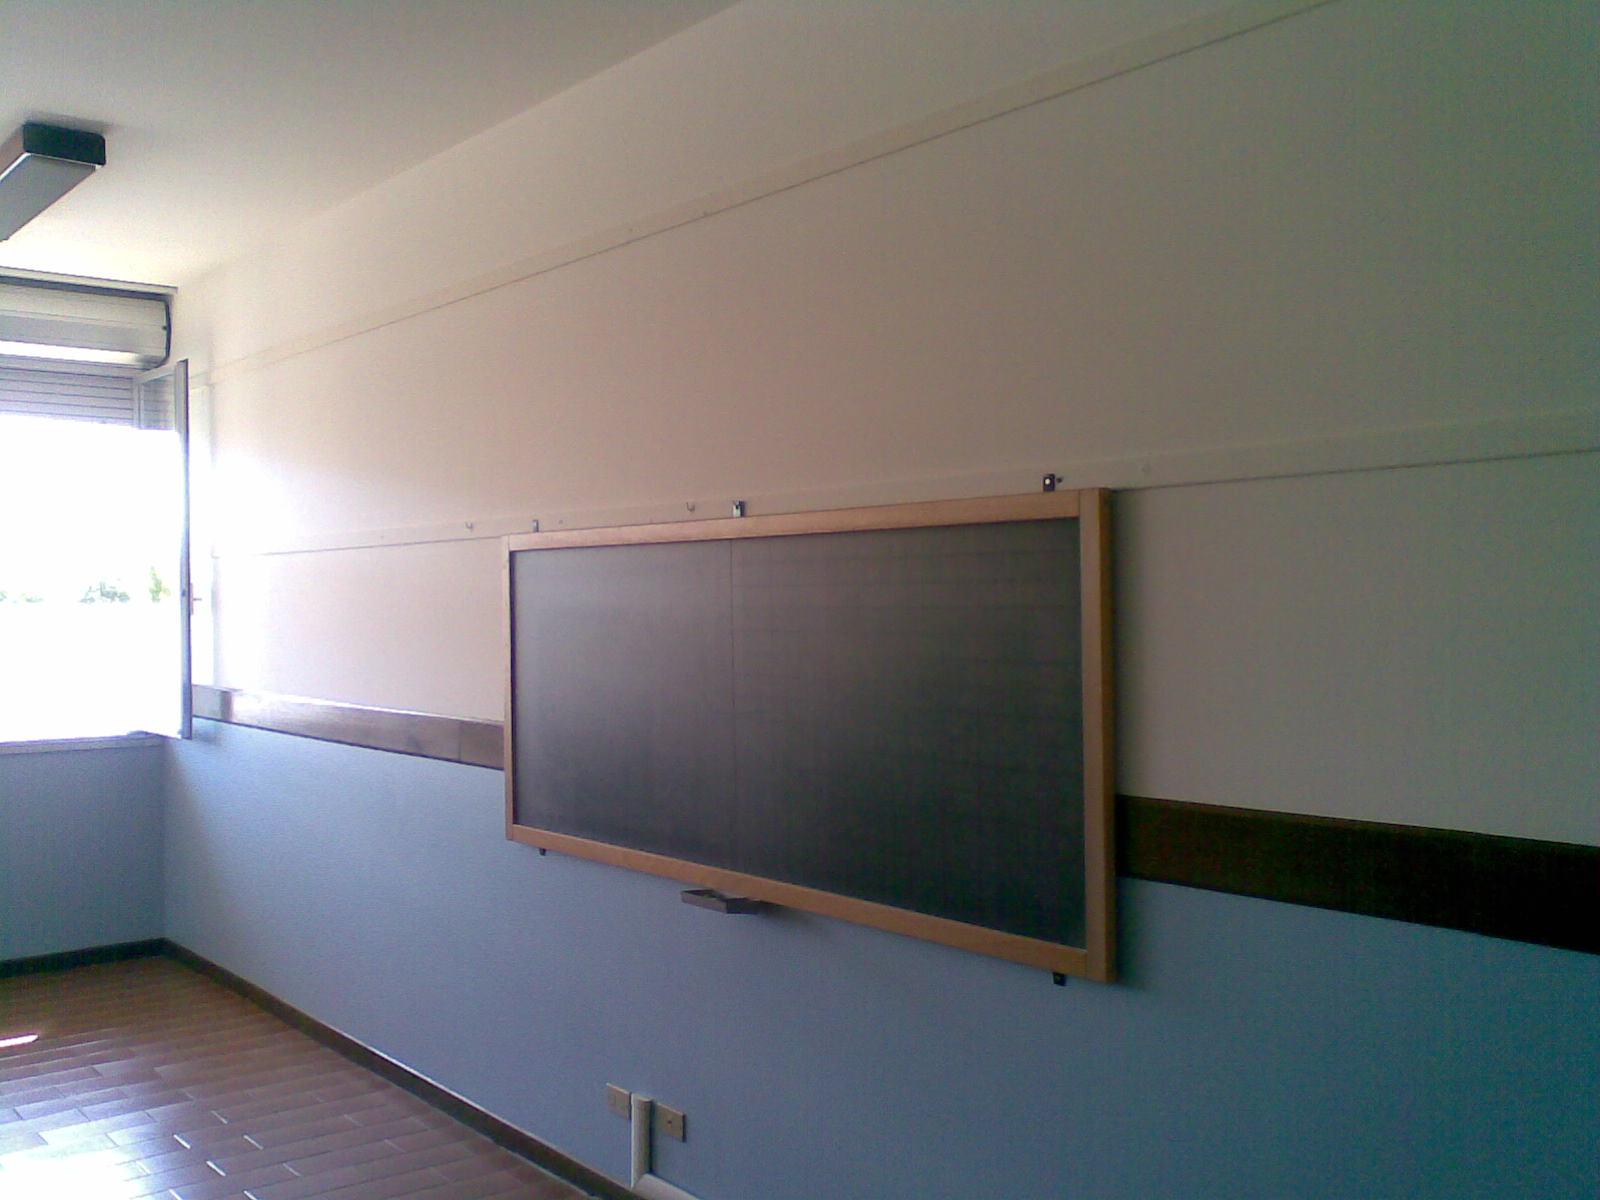 Zago rudi susegana tinteggiatura interna della scuola elementare - Tinteggiatura interna ...